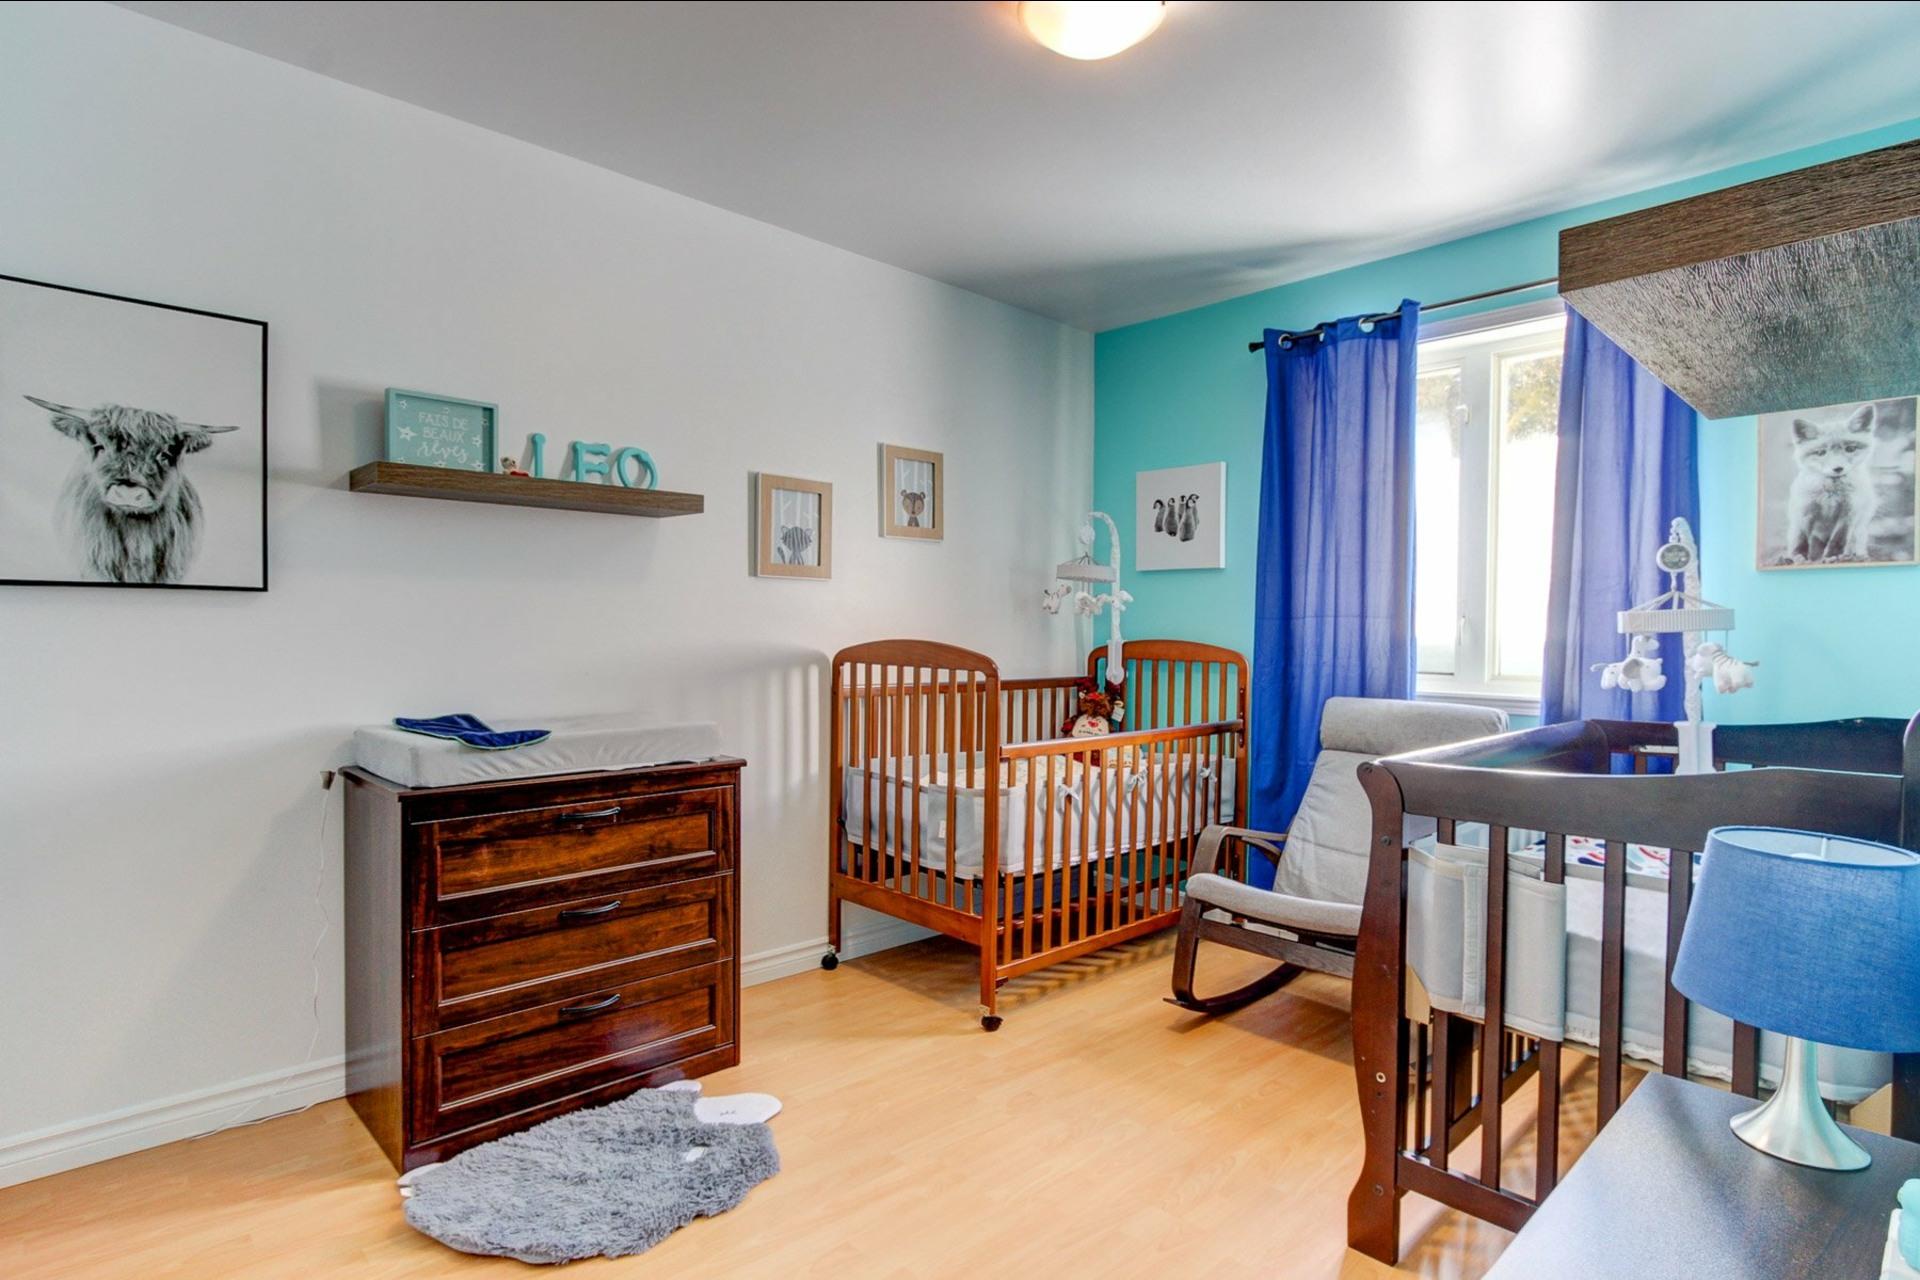 image 13 - House For sale Trois-Rivières - 12 rooms